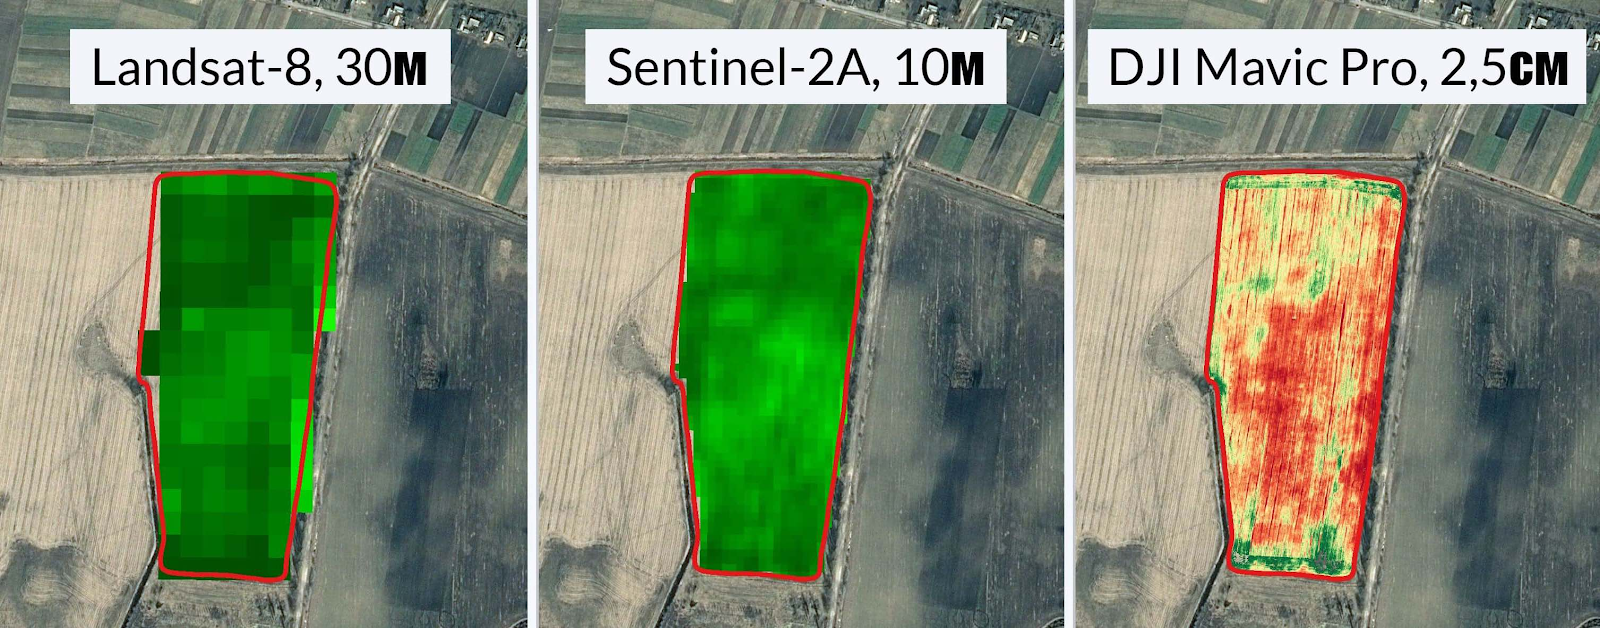 Мониторинг состояния посевов дронами — это как?